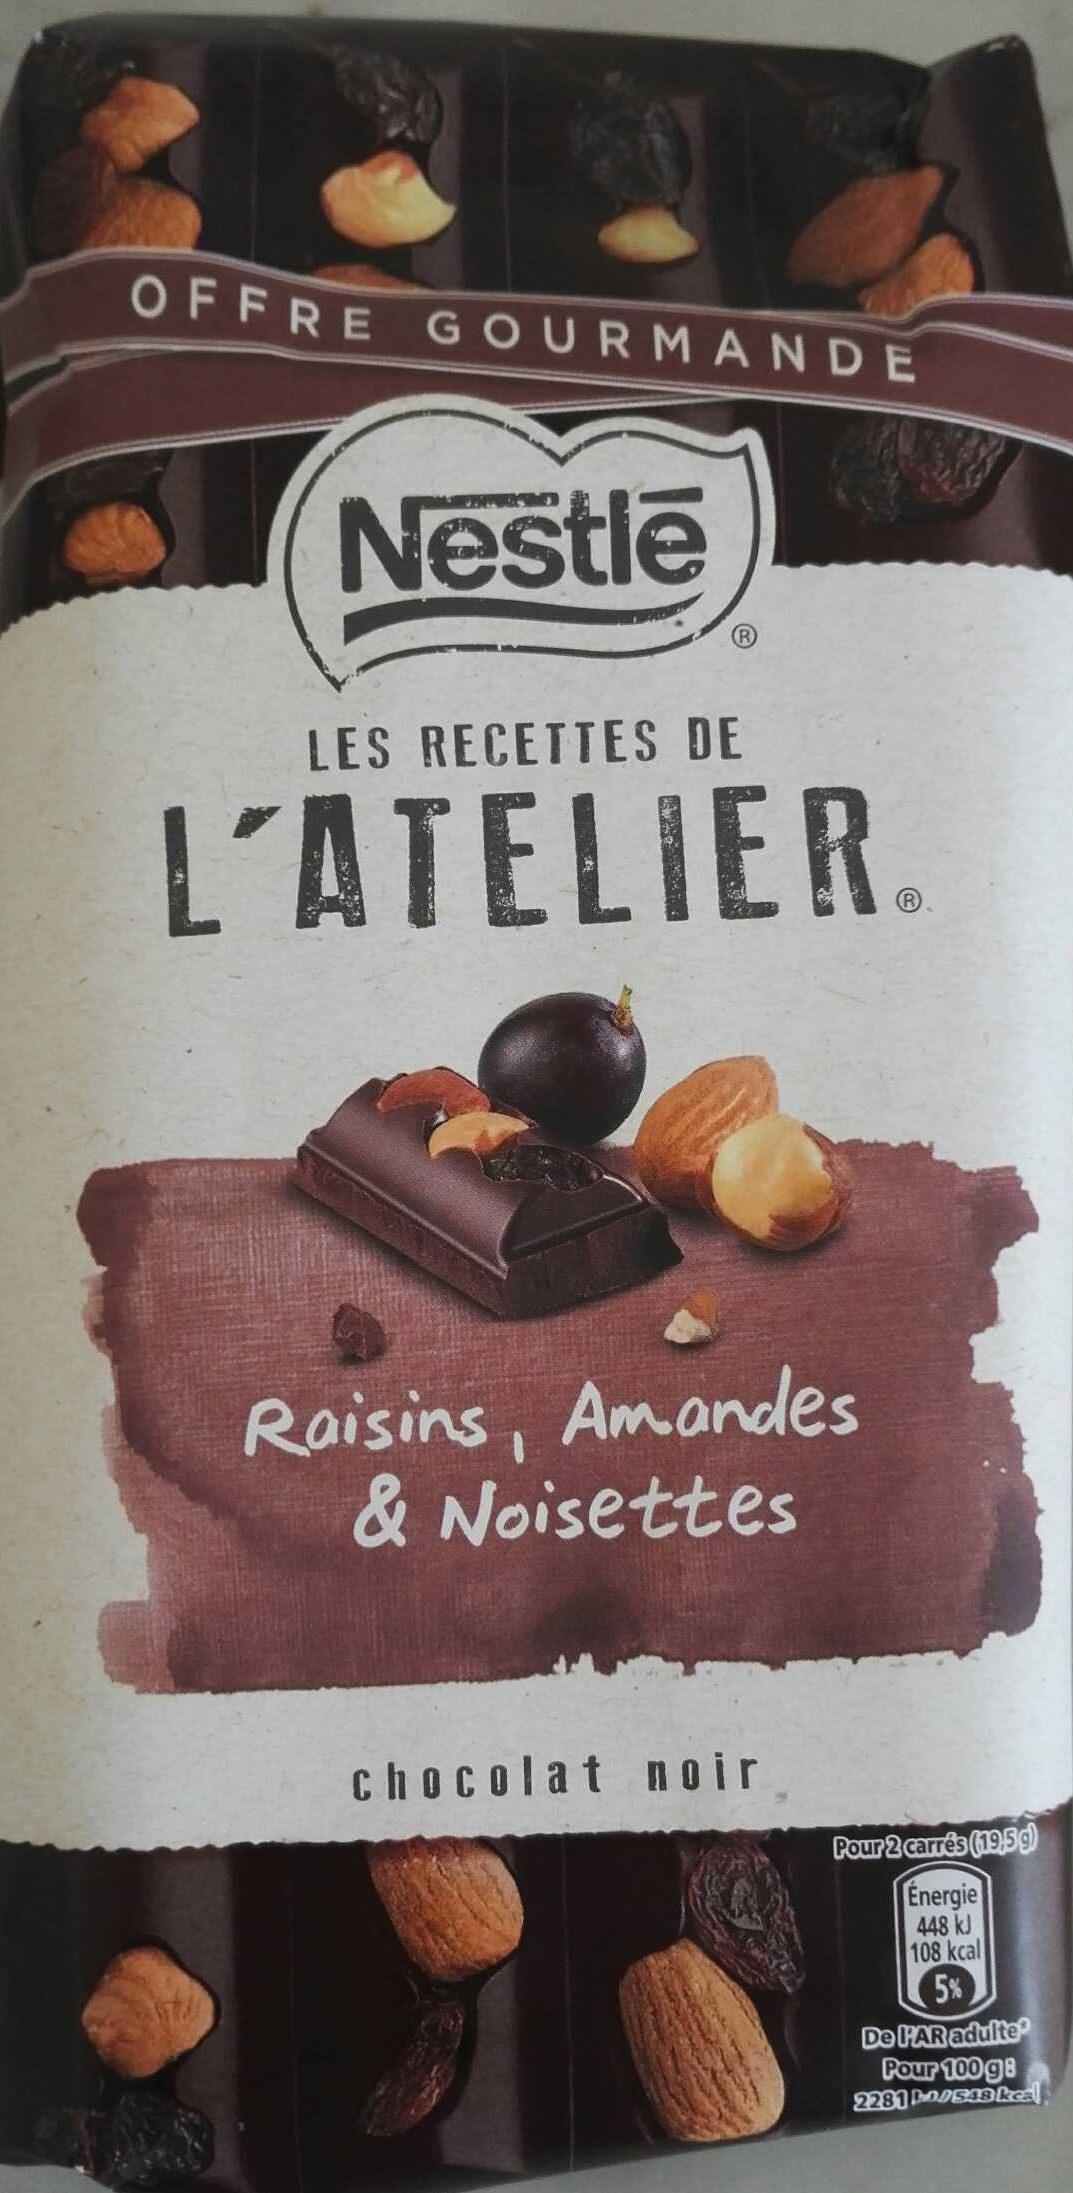 Les Recettes de l'Atelier Raisins, Amandes & Noisettes Chocolat Noir (Offre Gourmande) - Product